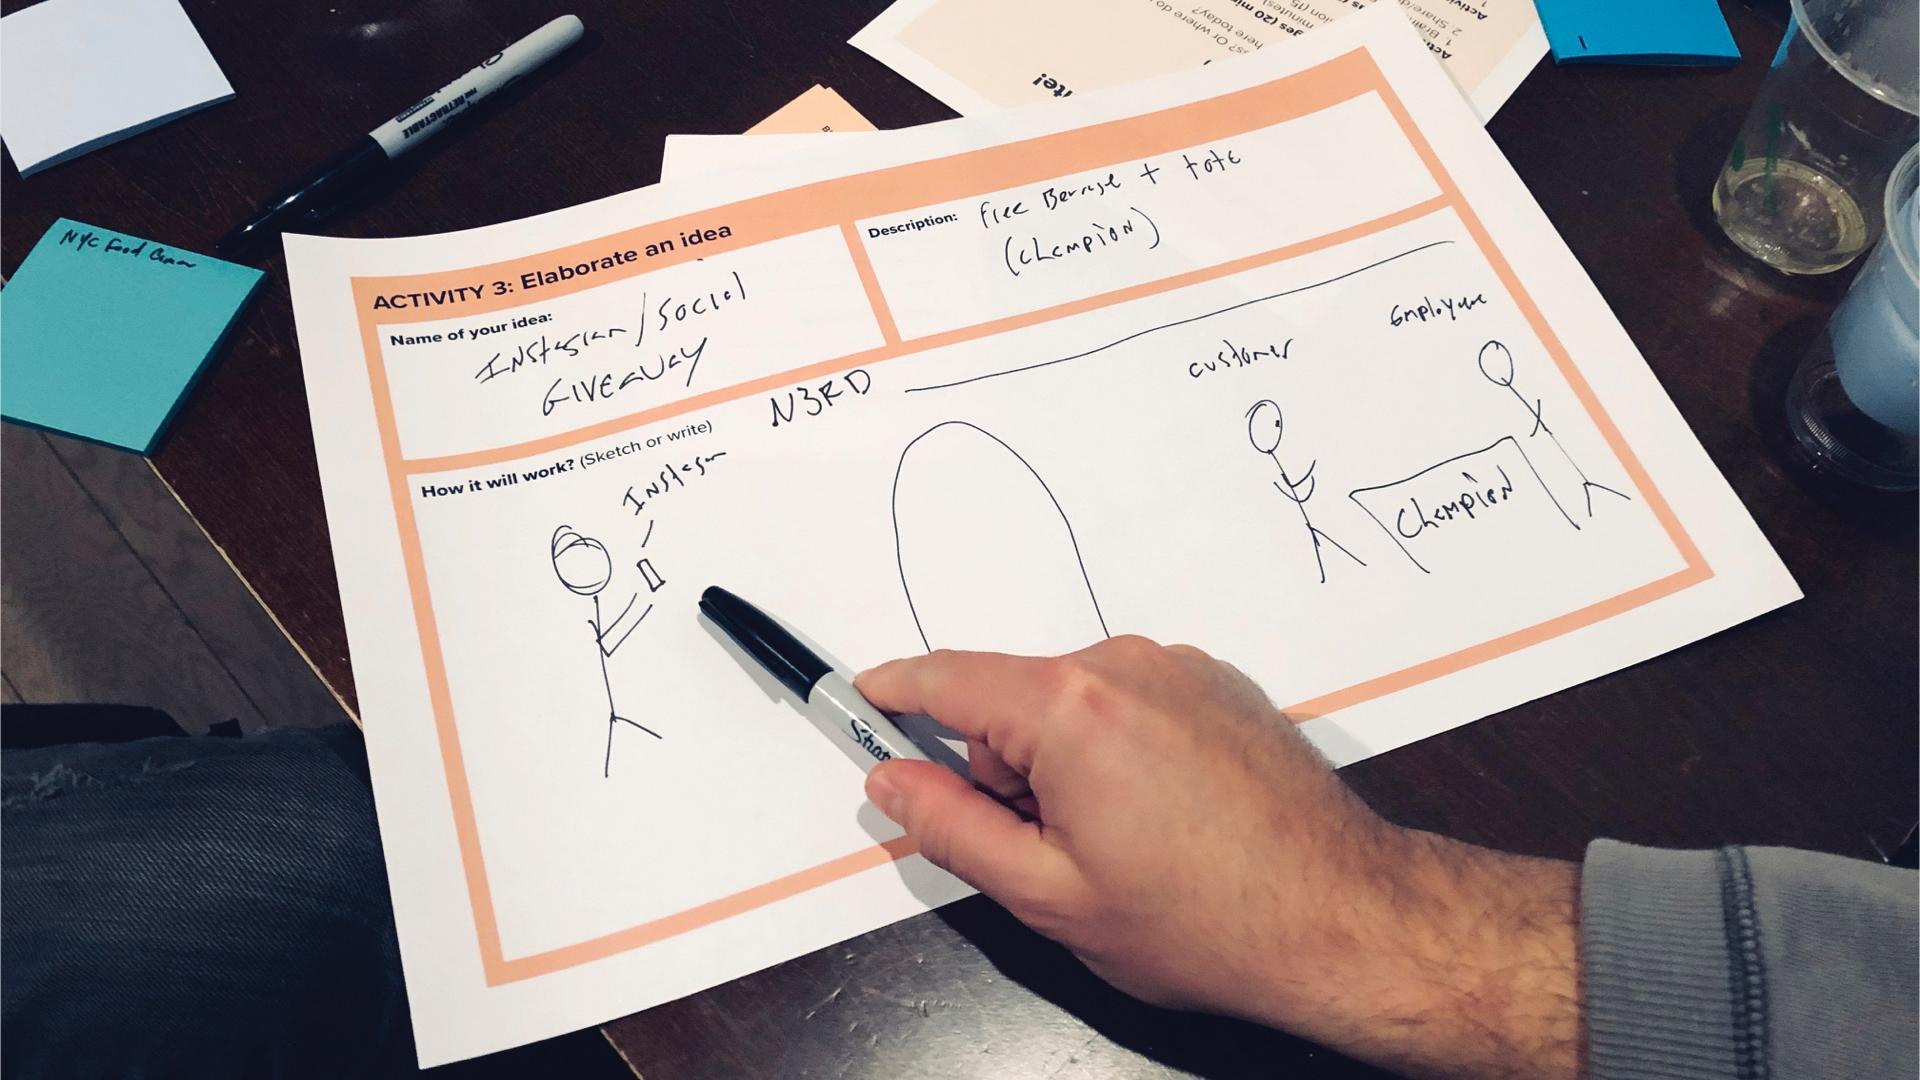 Elaborate an idea activity: